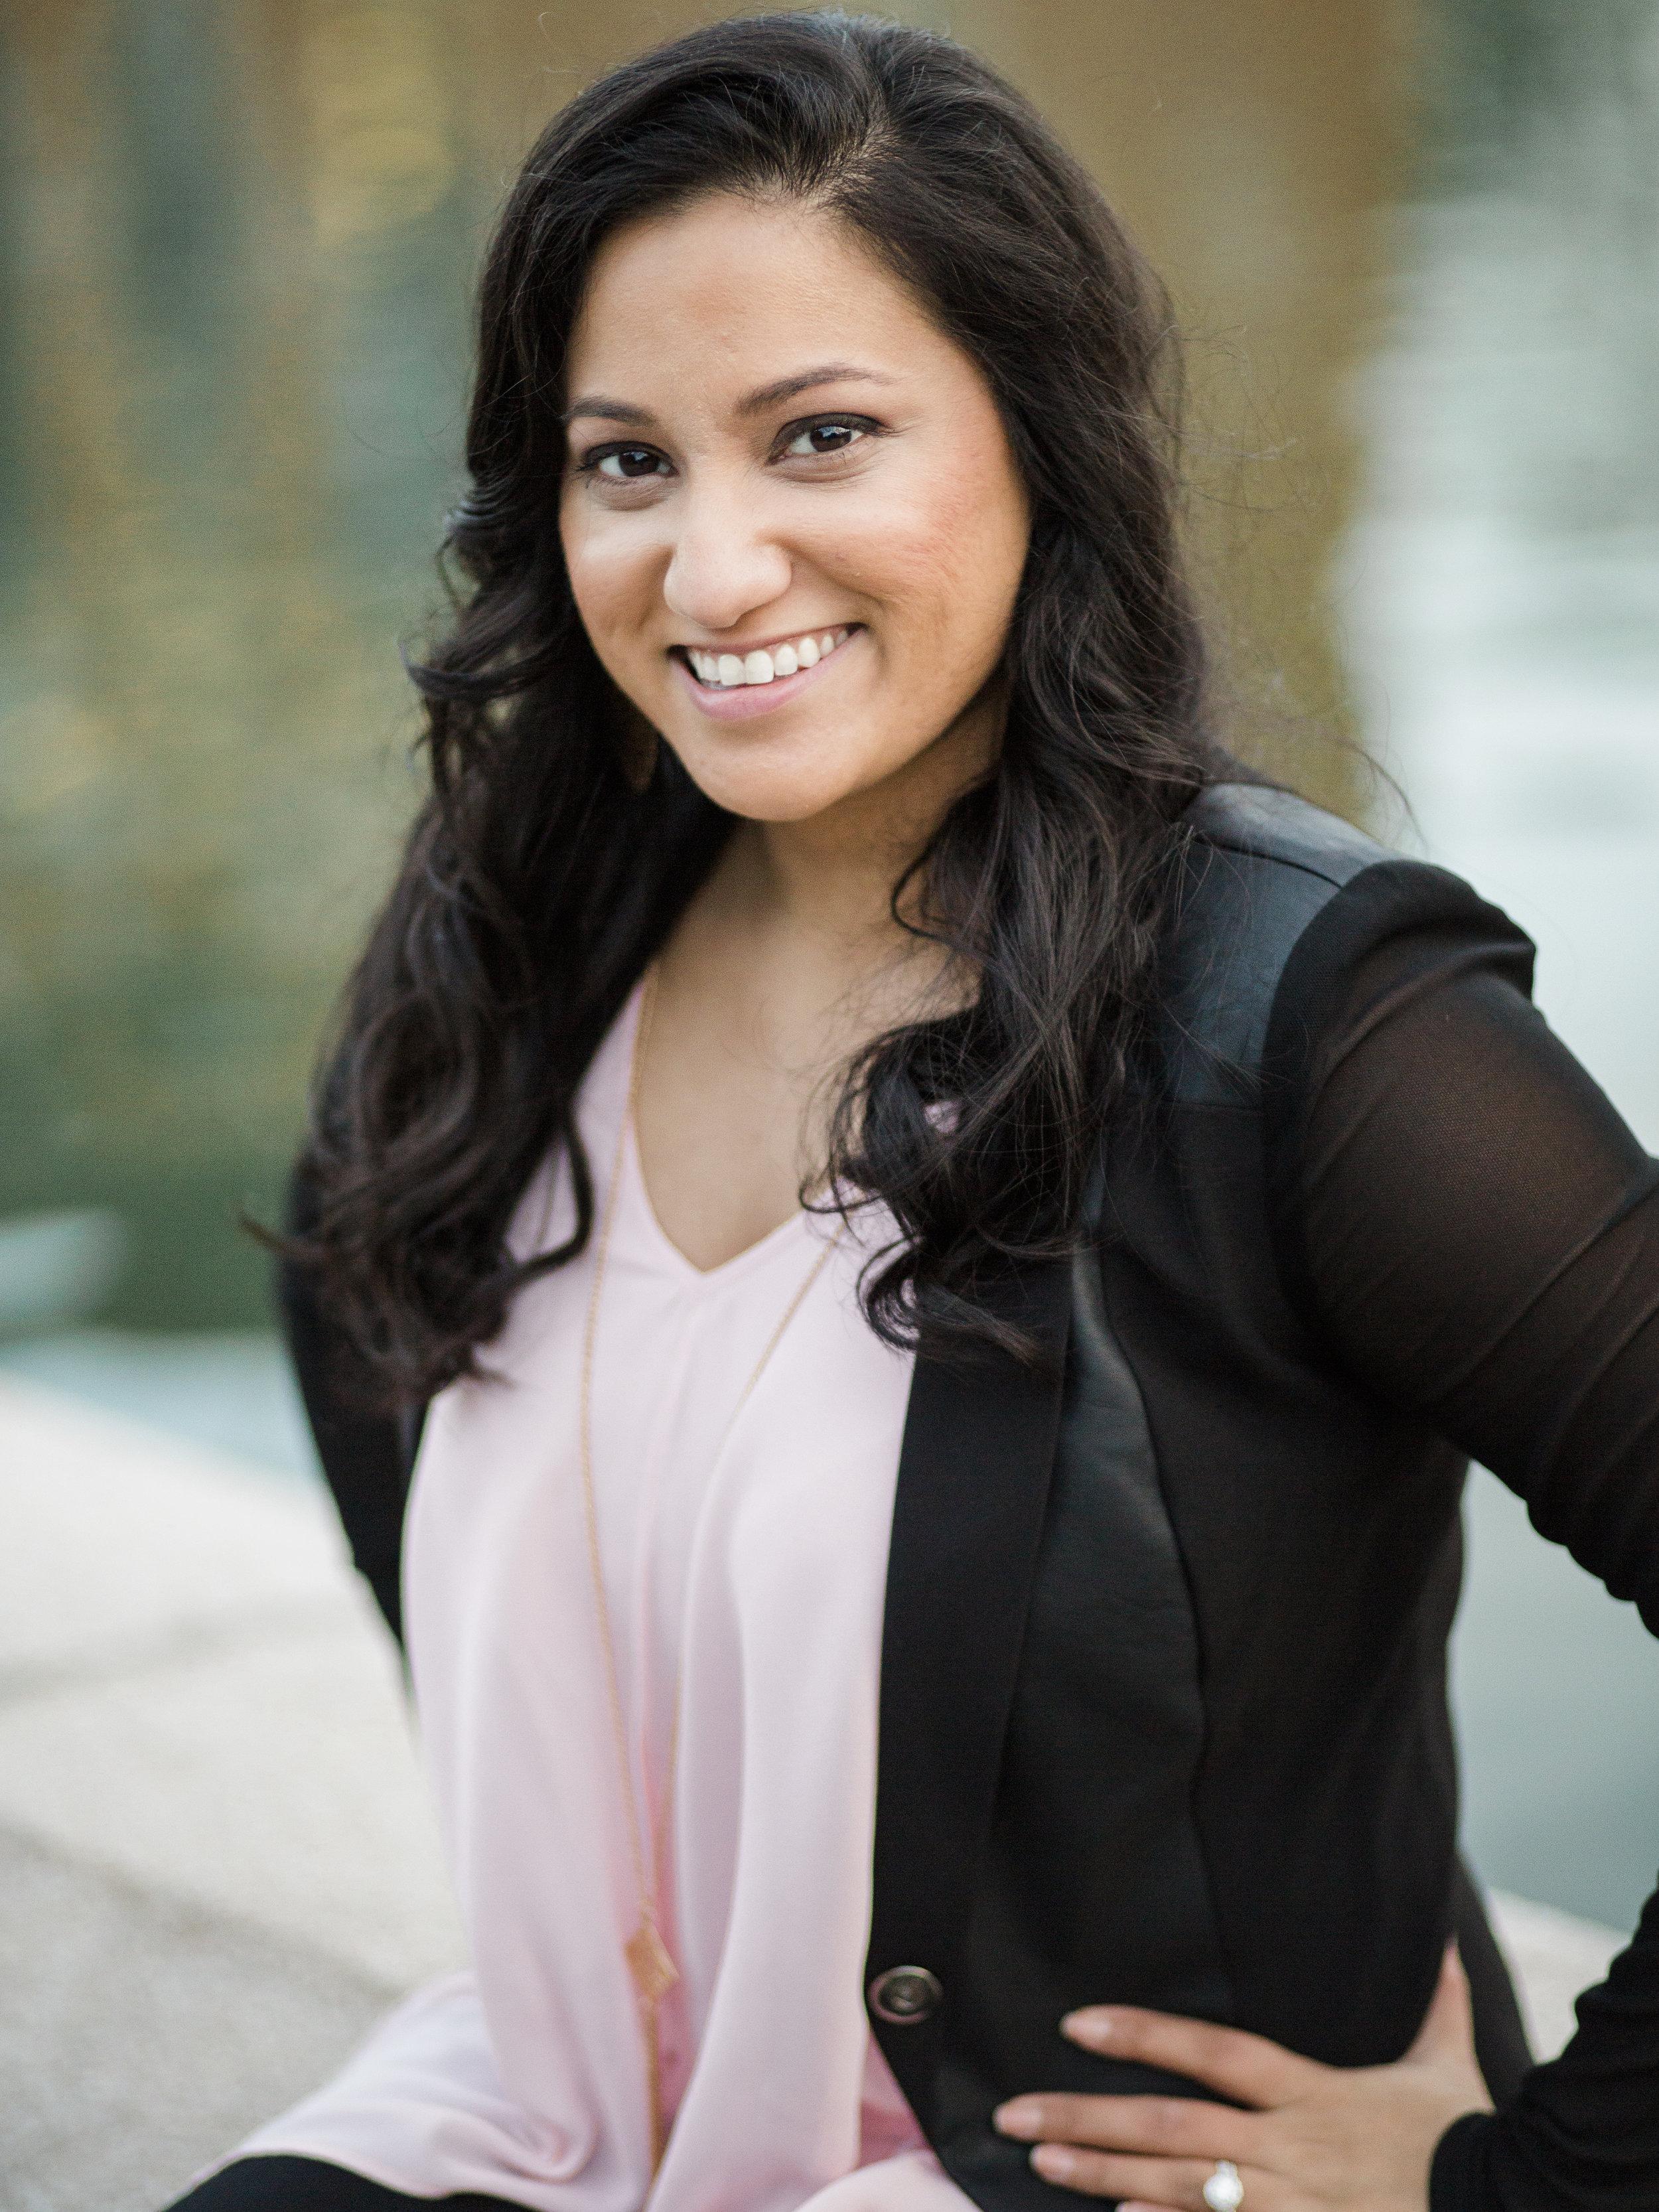 Seattle Wedding Planning Intern | Wedding Wise | Seattle Planning and Design| Miranda Hattie Photography